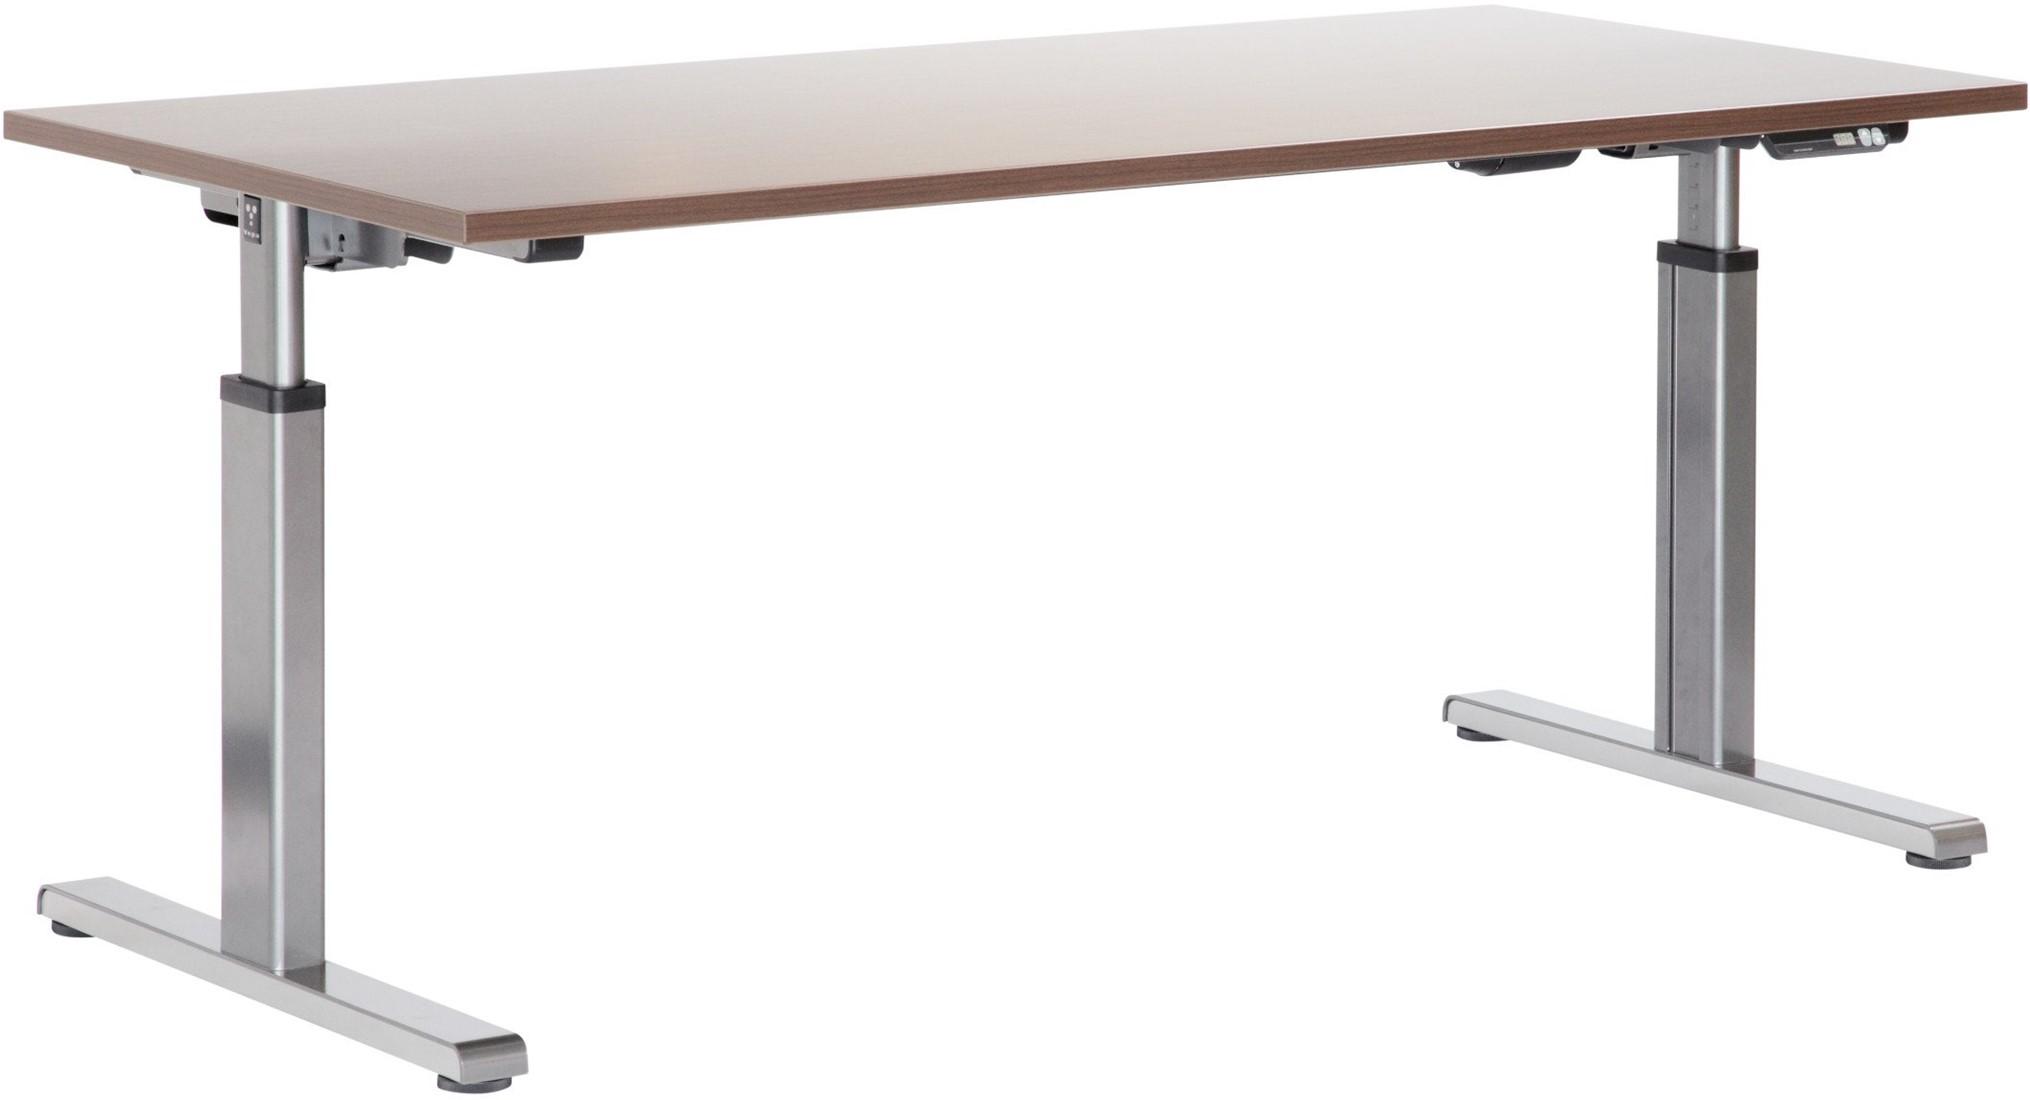 Vepa step 2 bureau bladdiepte 90cm elektrisch in hoogte verstelbaar